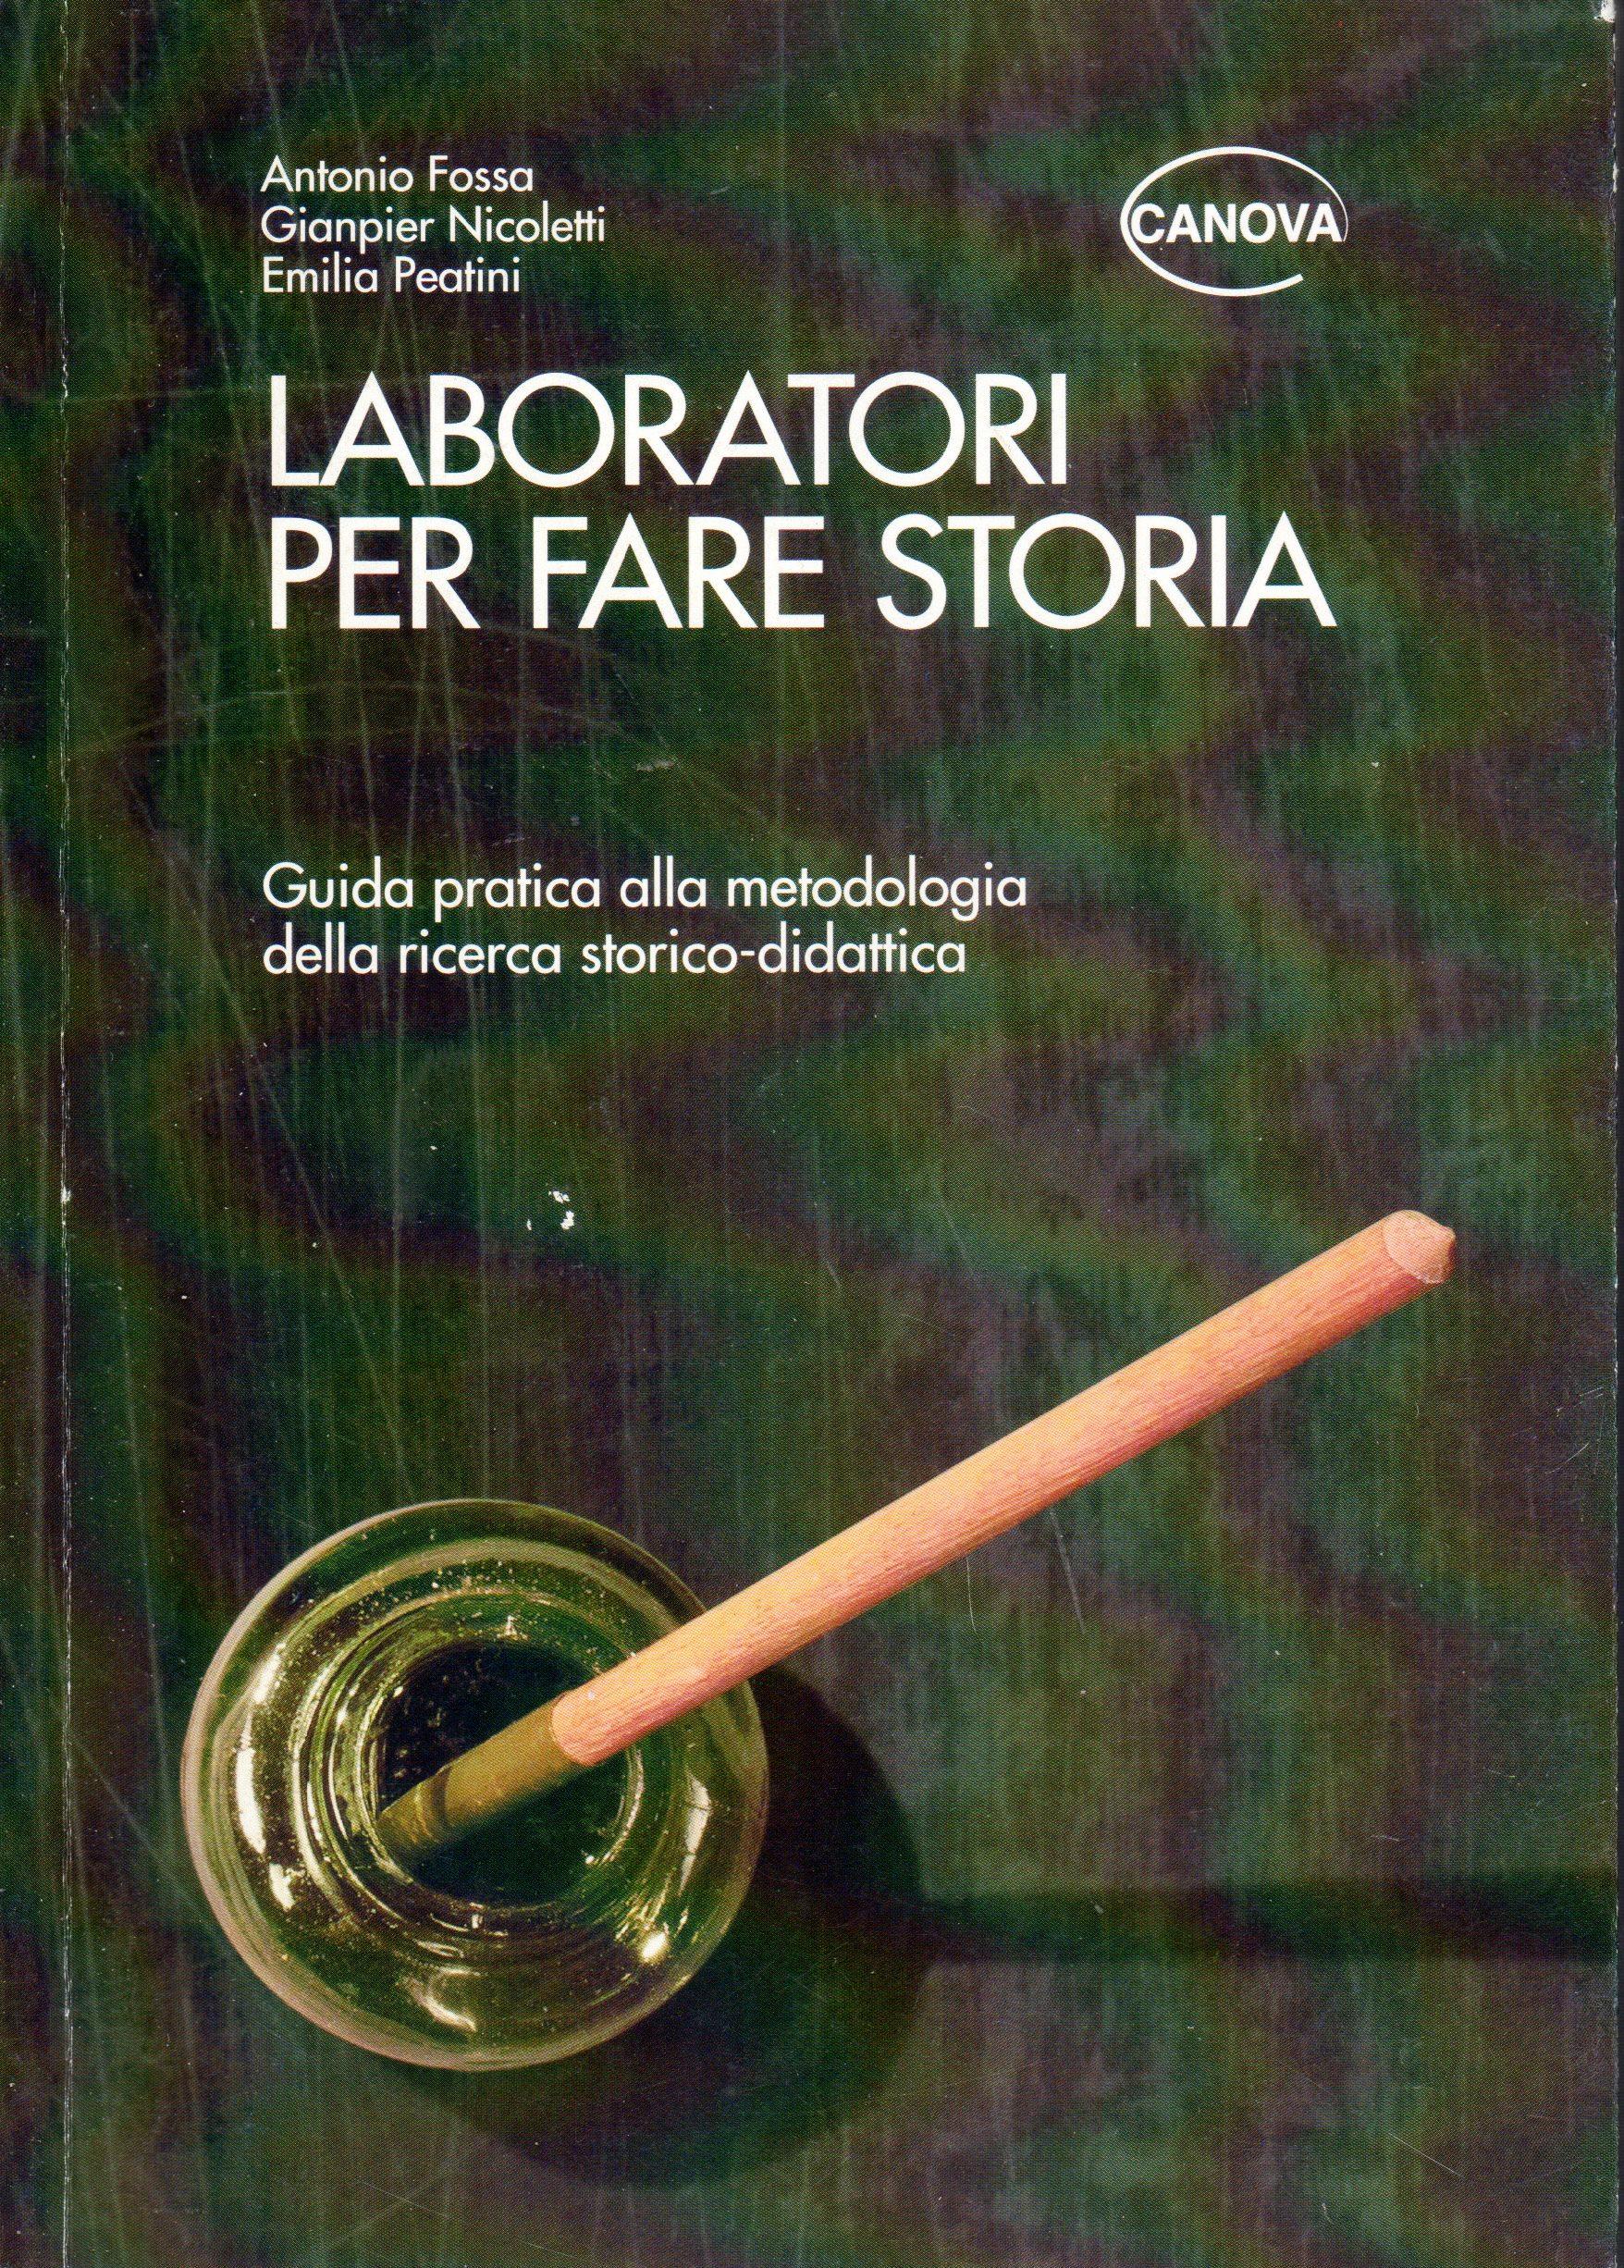 Laboratori per fare storia